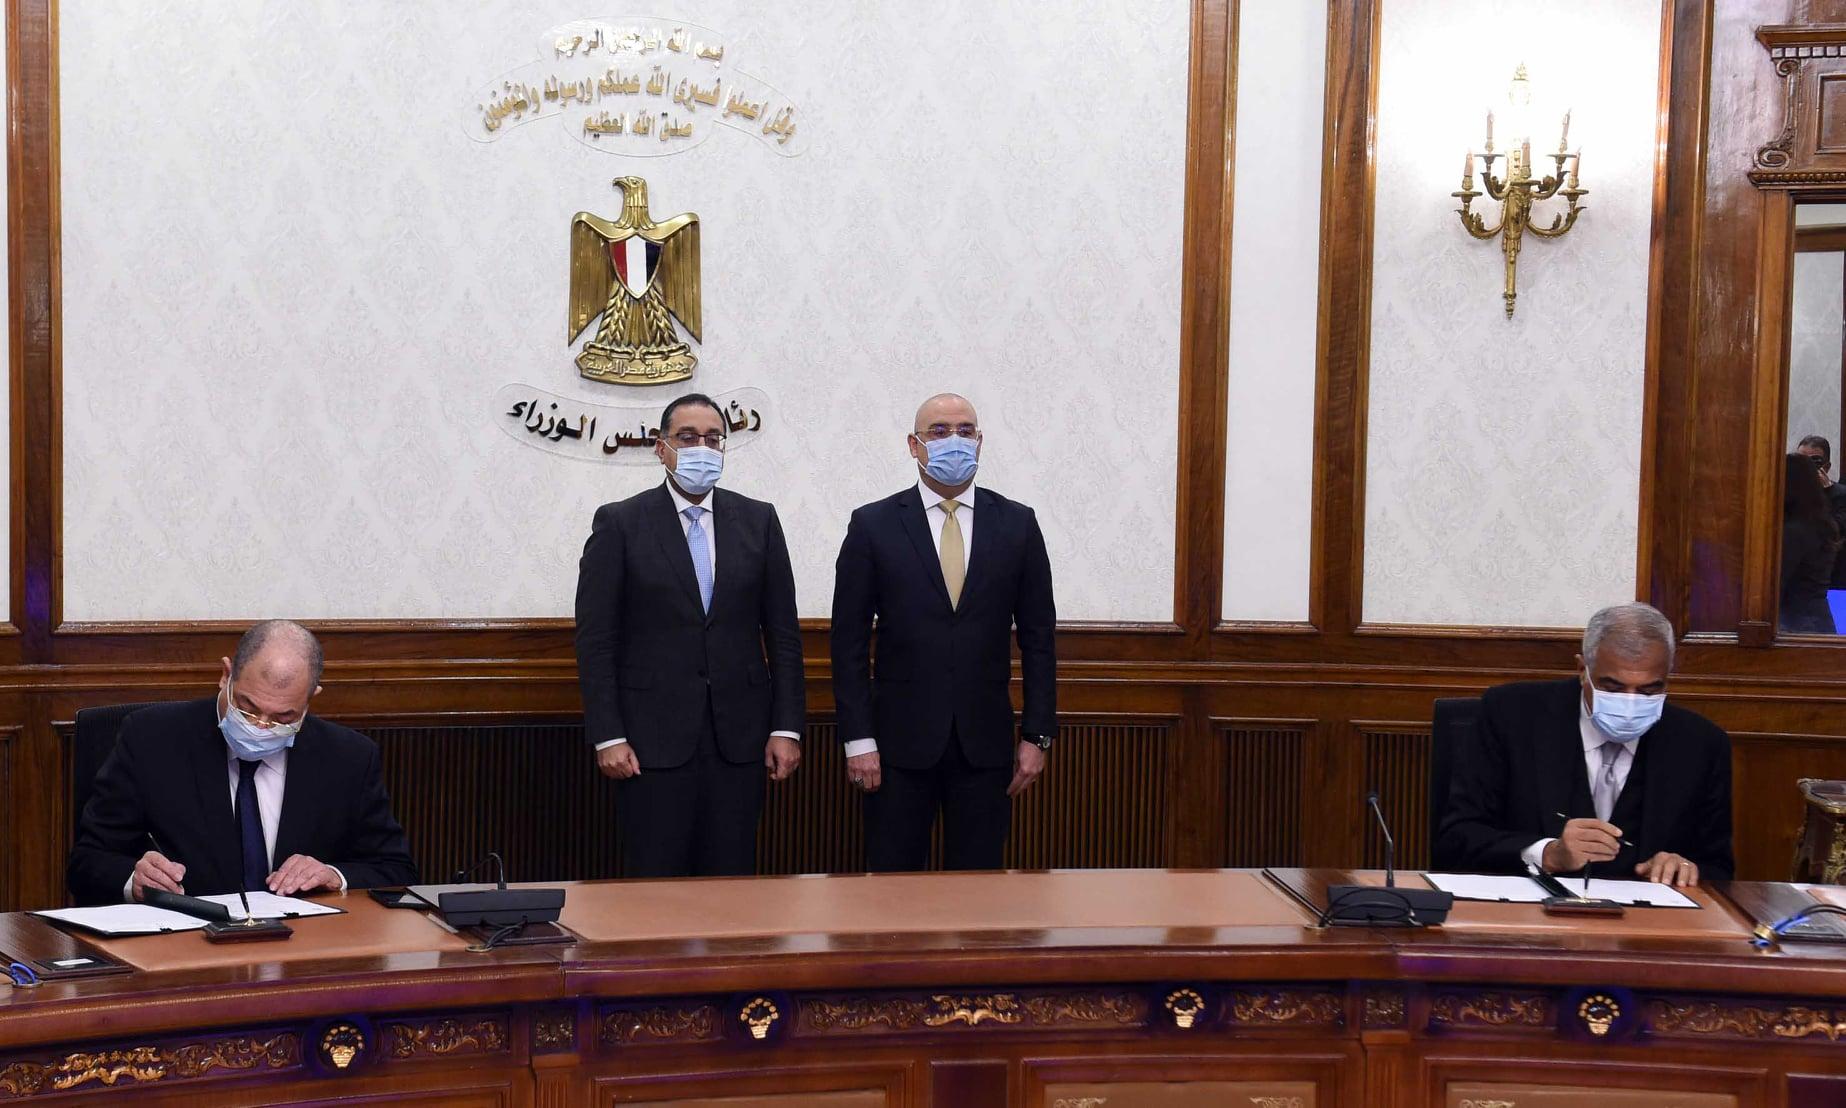 رئيس الوزراء يشهد توقيع عقد بيع 5 آلاف فدان بين المجتمعات العمرانية والعربية للاستثمار